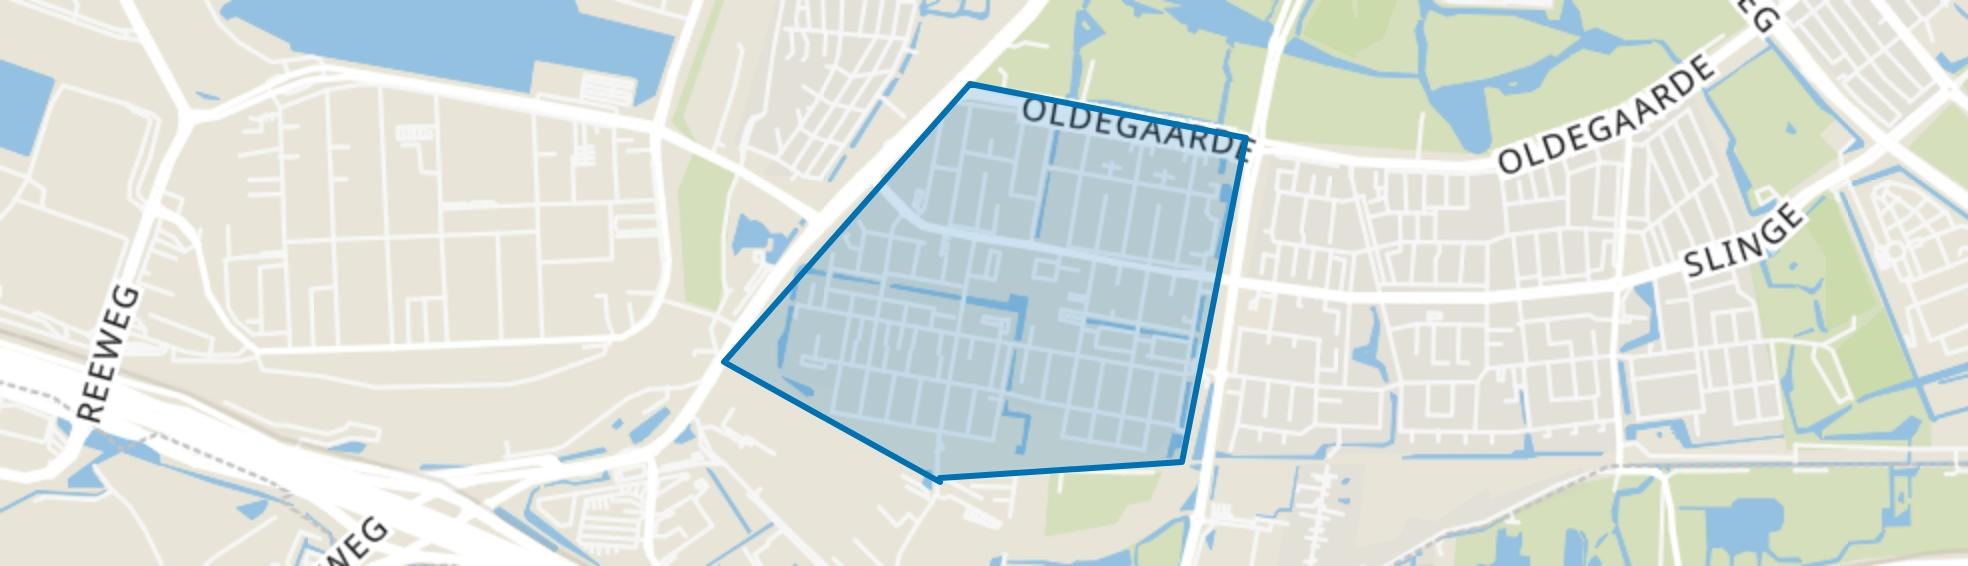 Pendrecht, Rotterdam map